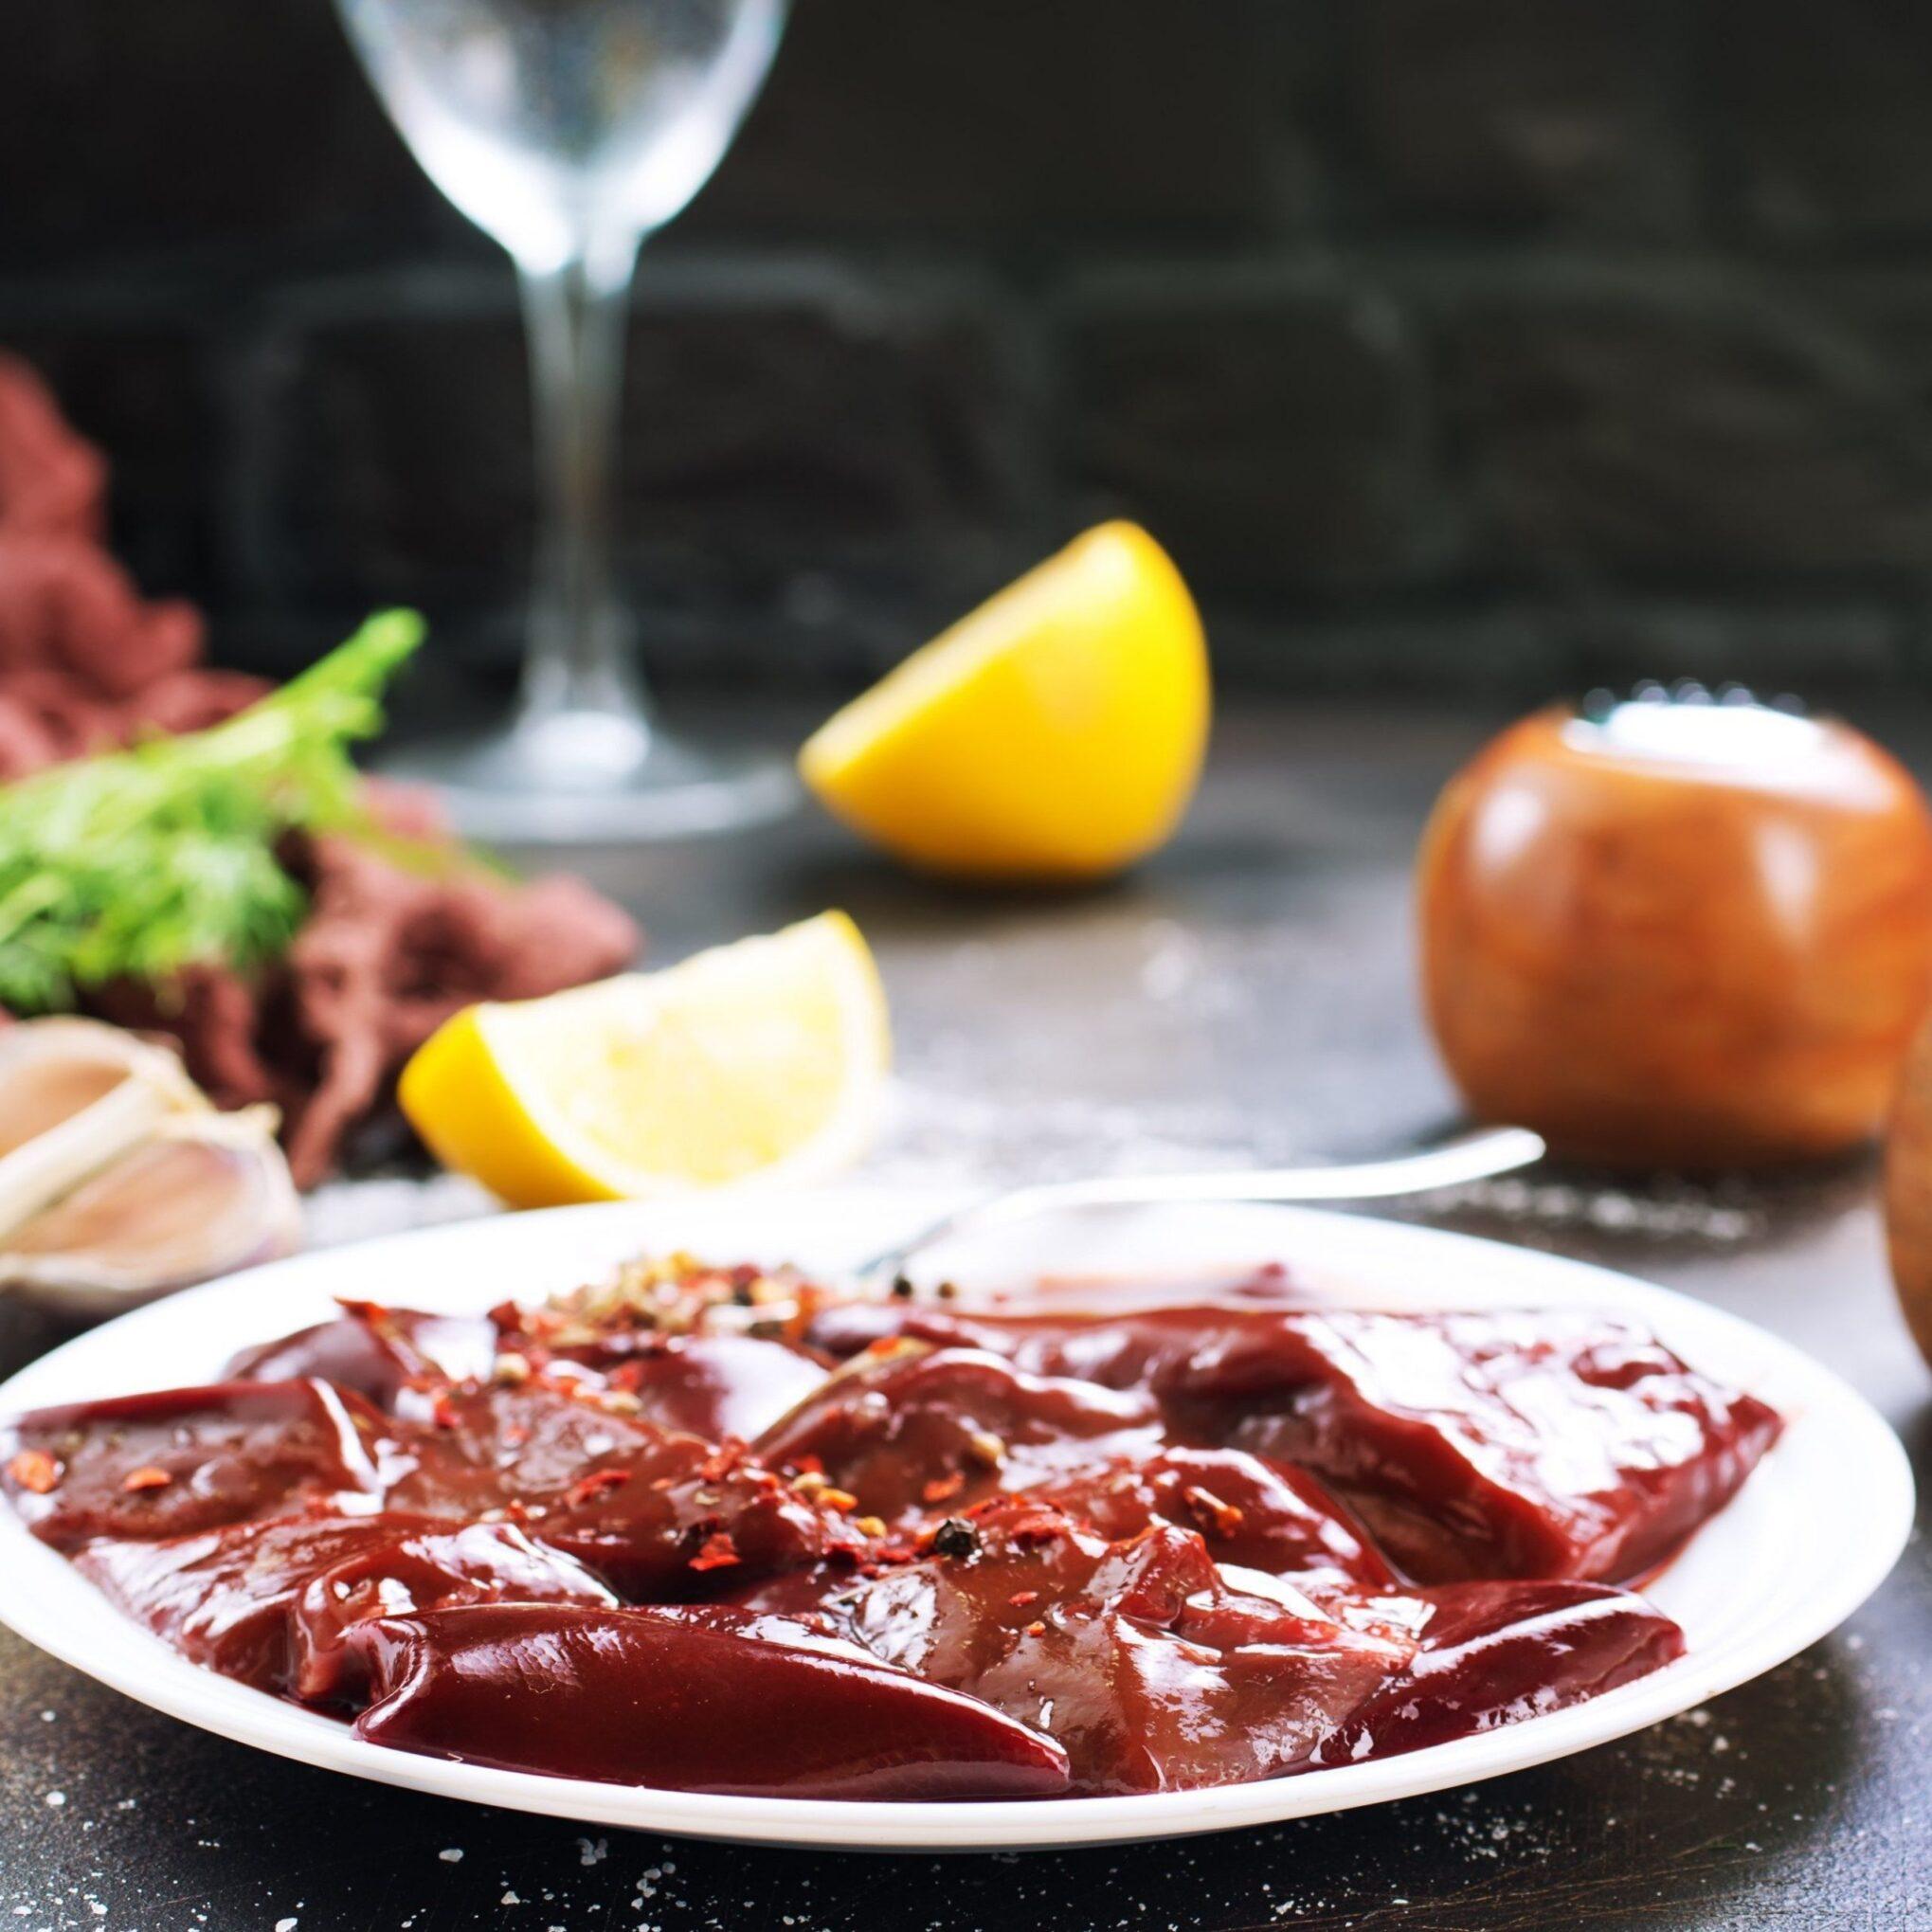 Beef, Liver